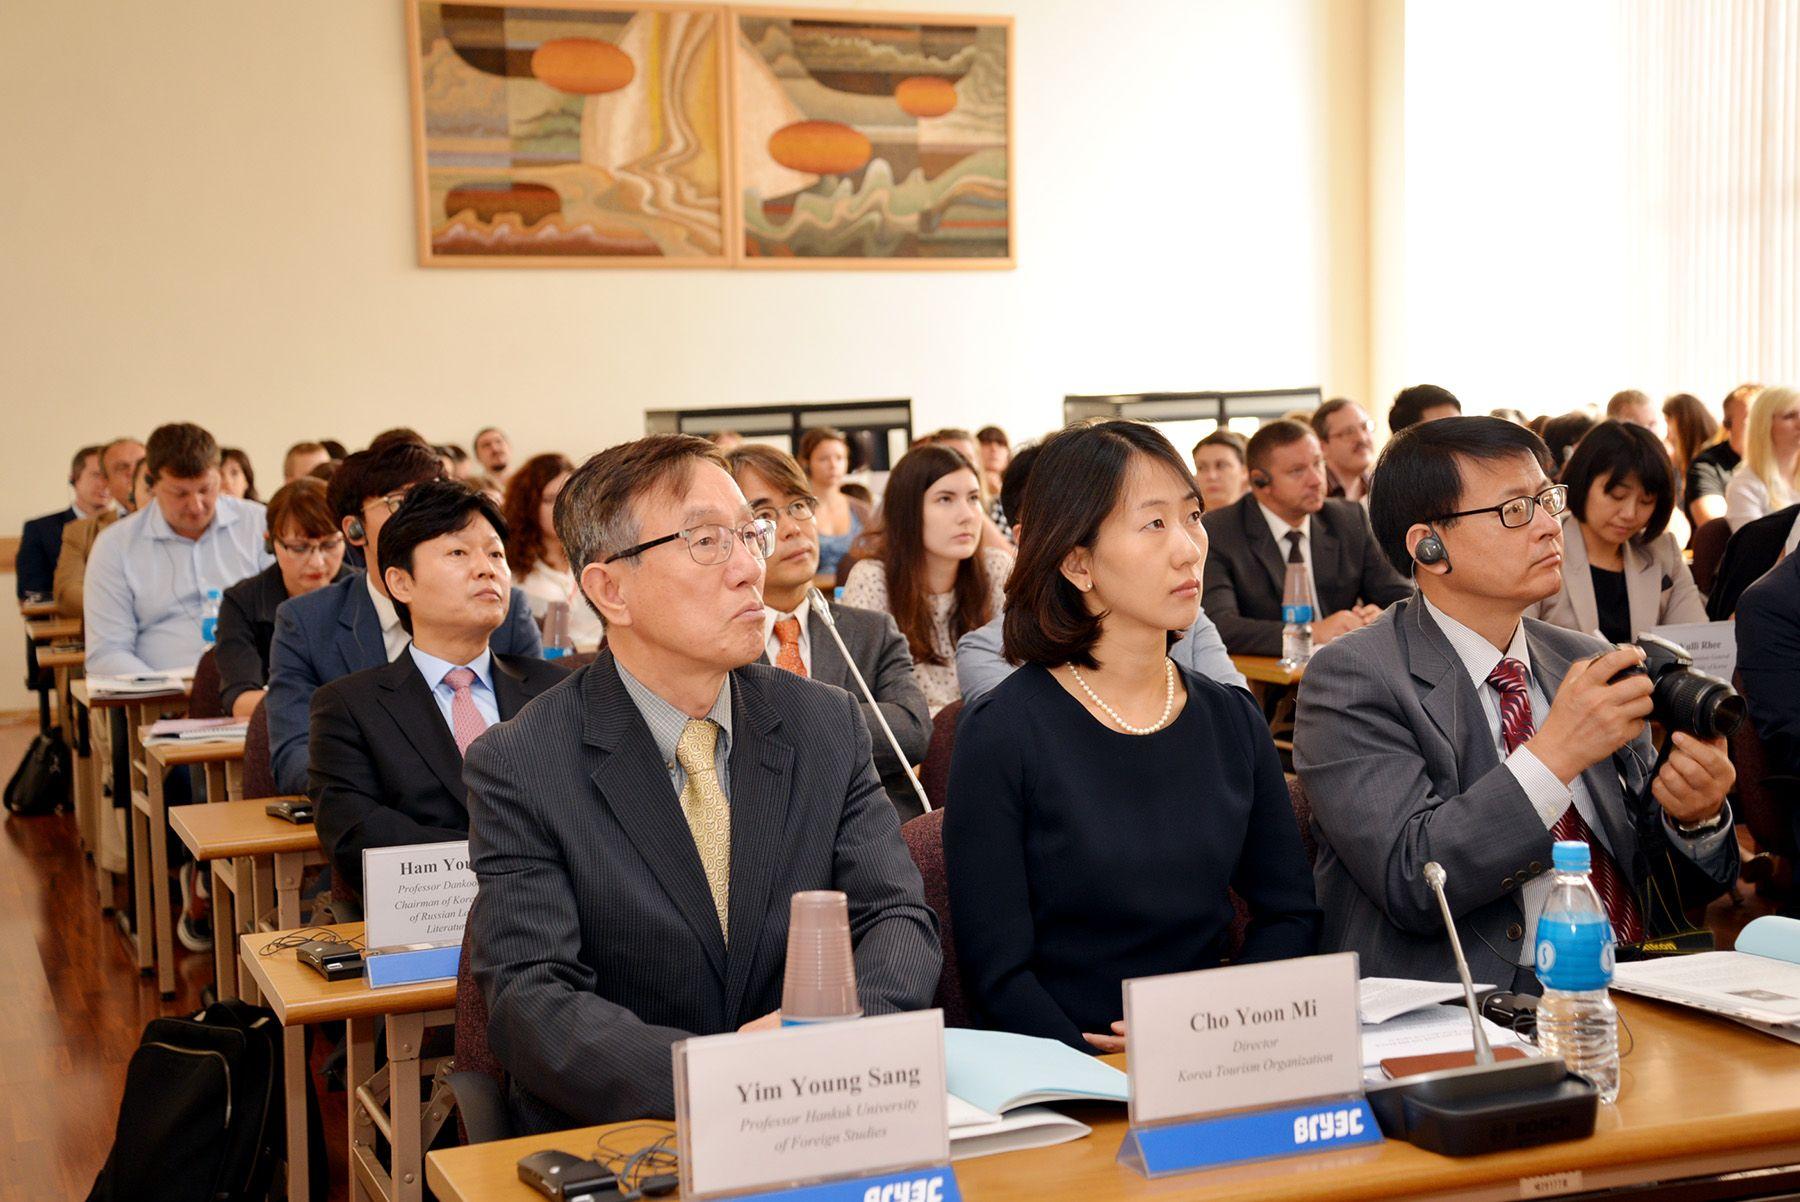 Во ВГУЭС прошел III Российско-корейский Дальневосточный форум знаний